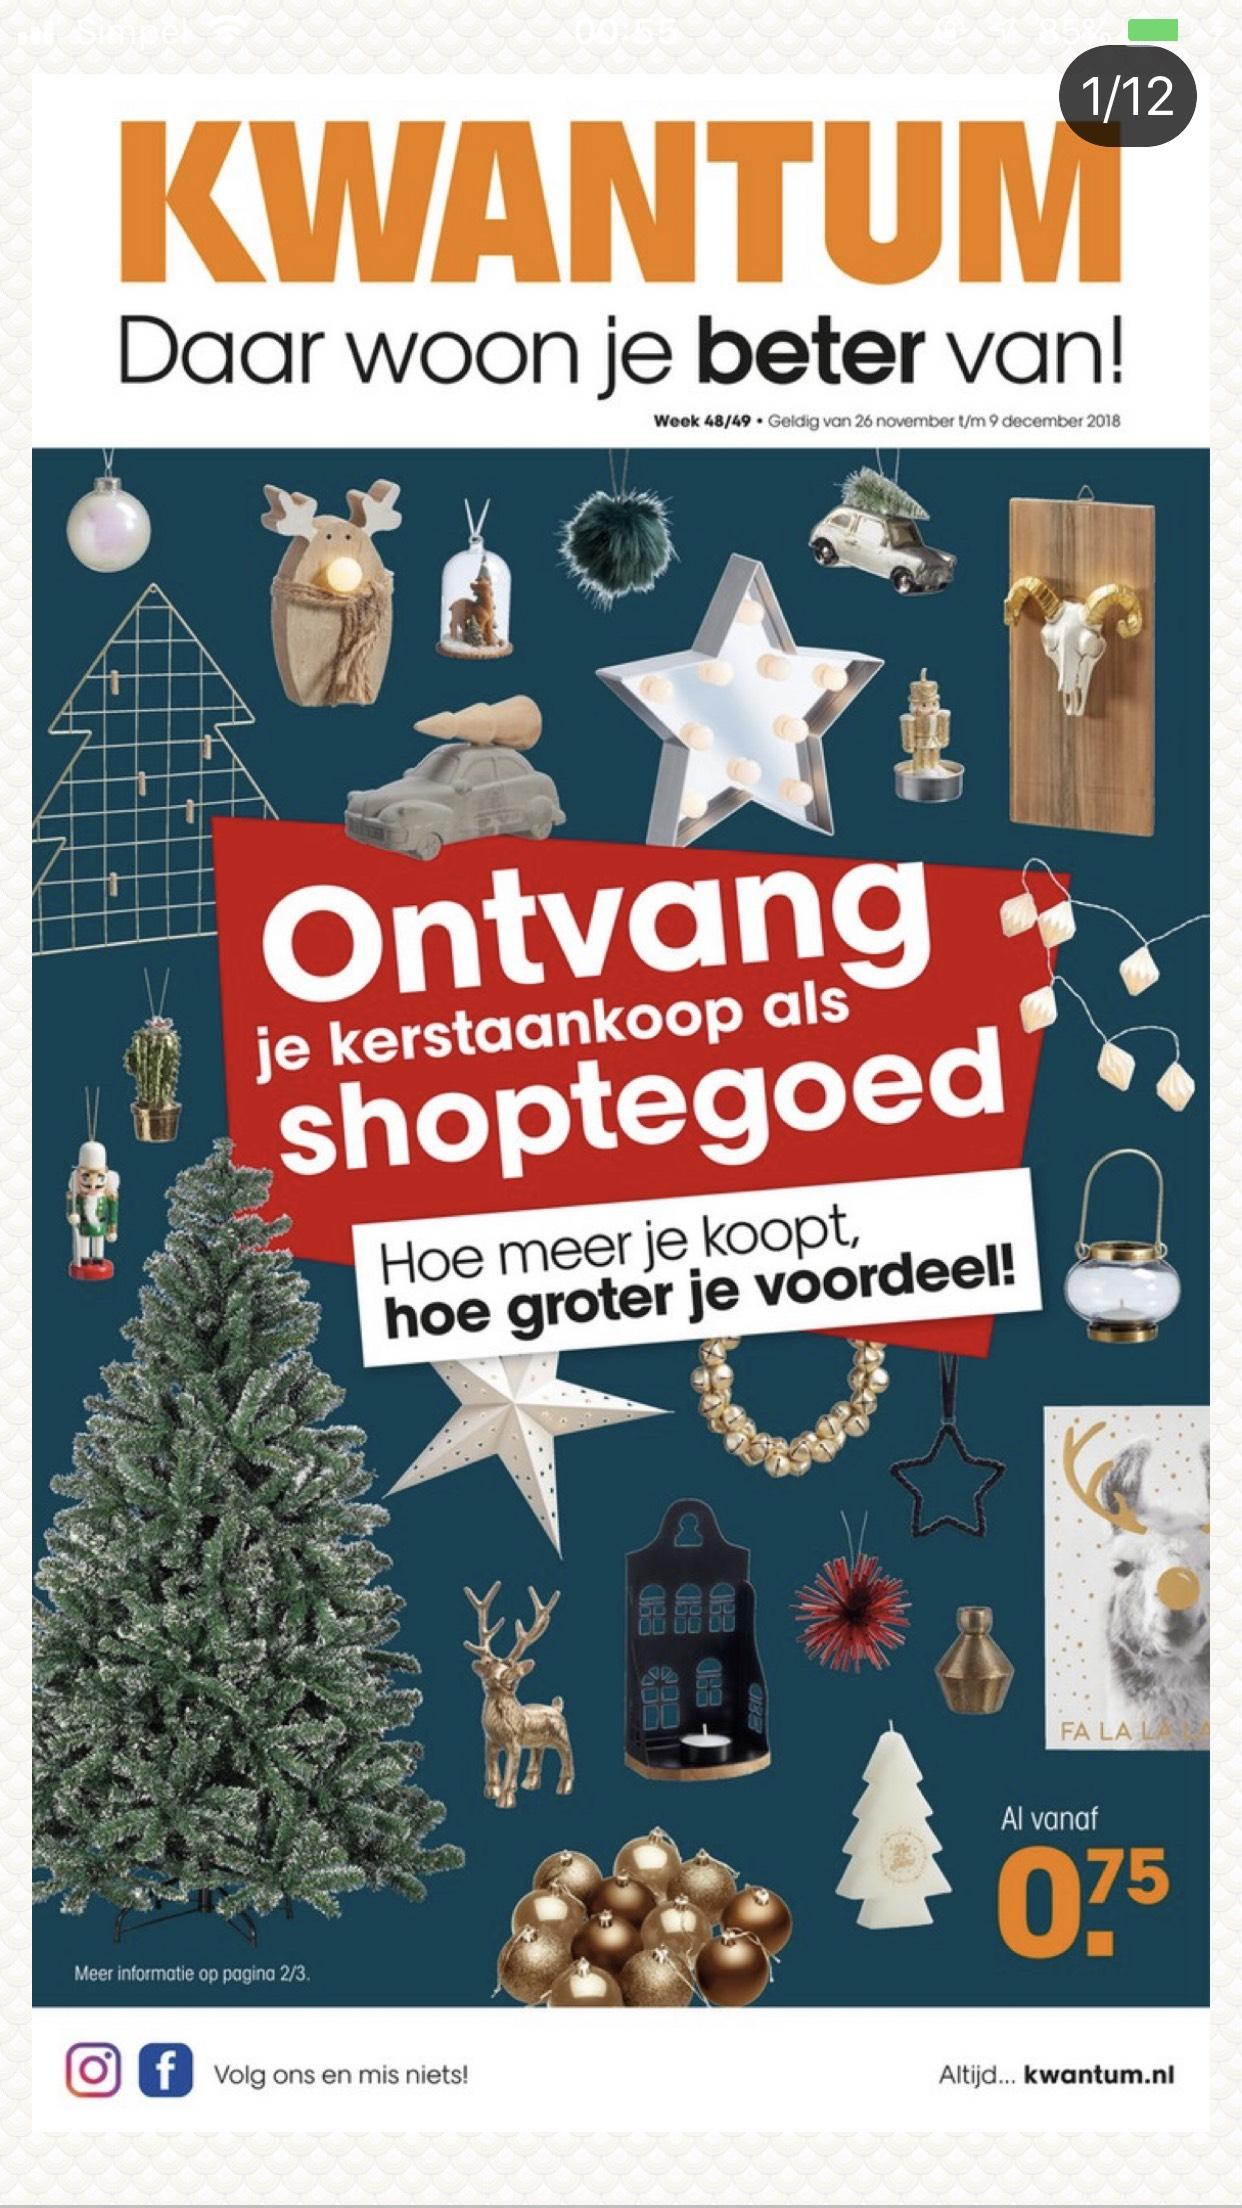 Shoptegoed bij aanschaf van kerstspullen @Kwantum